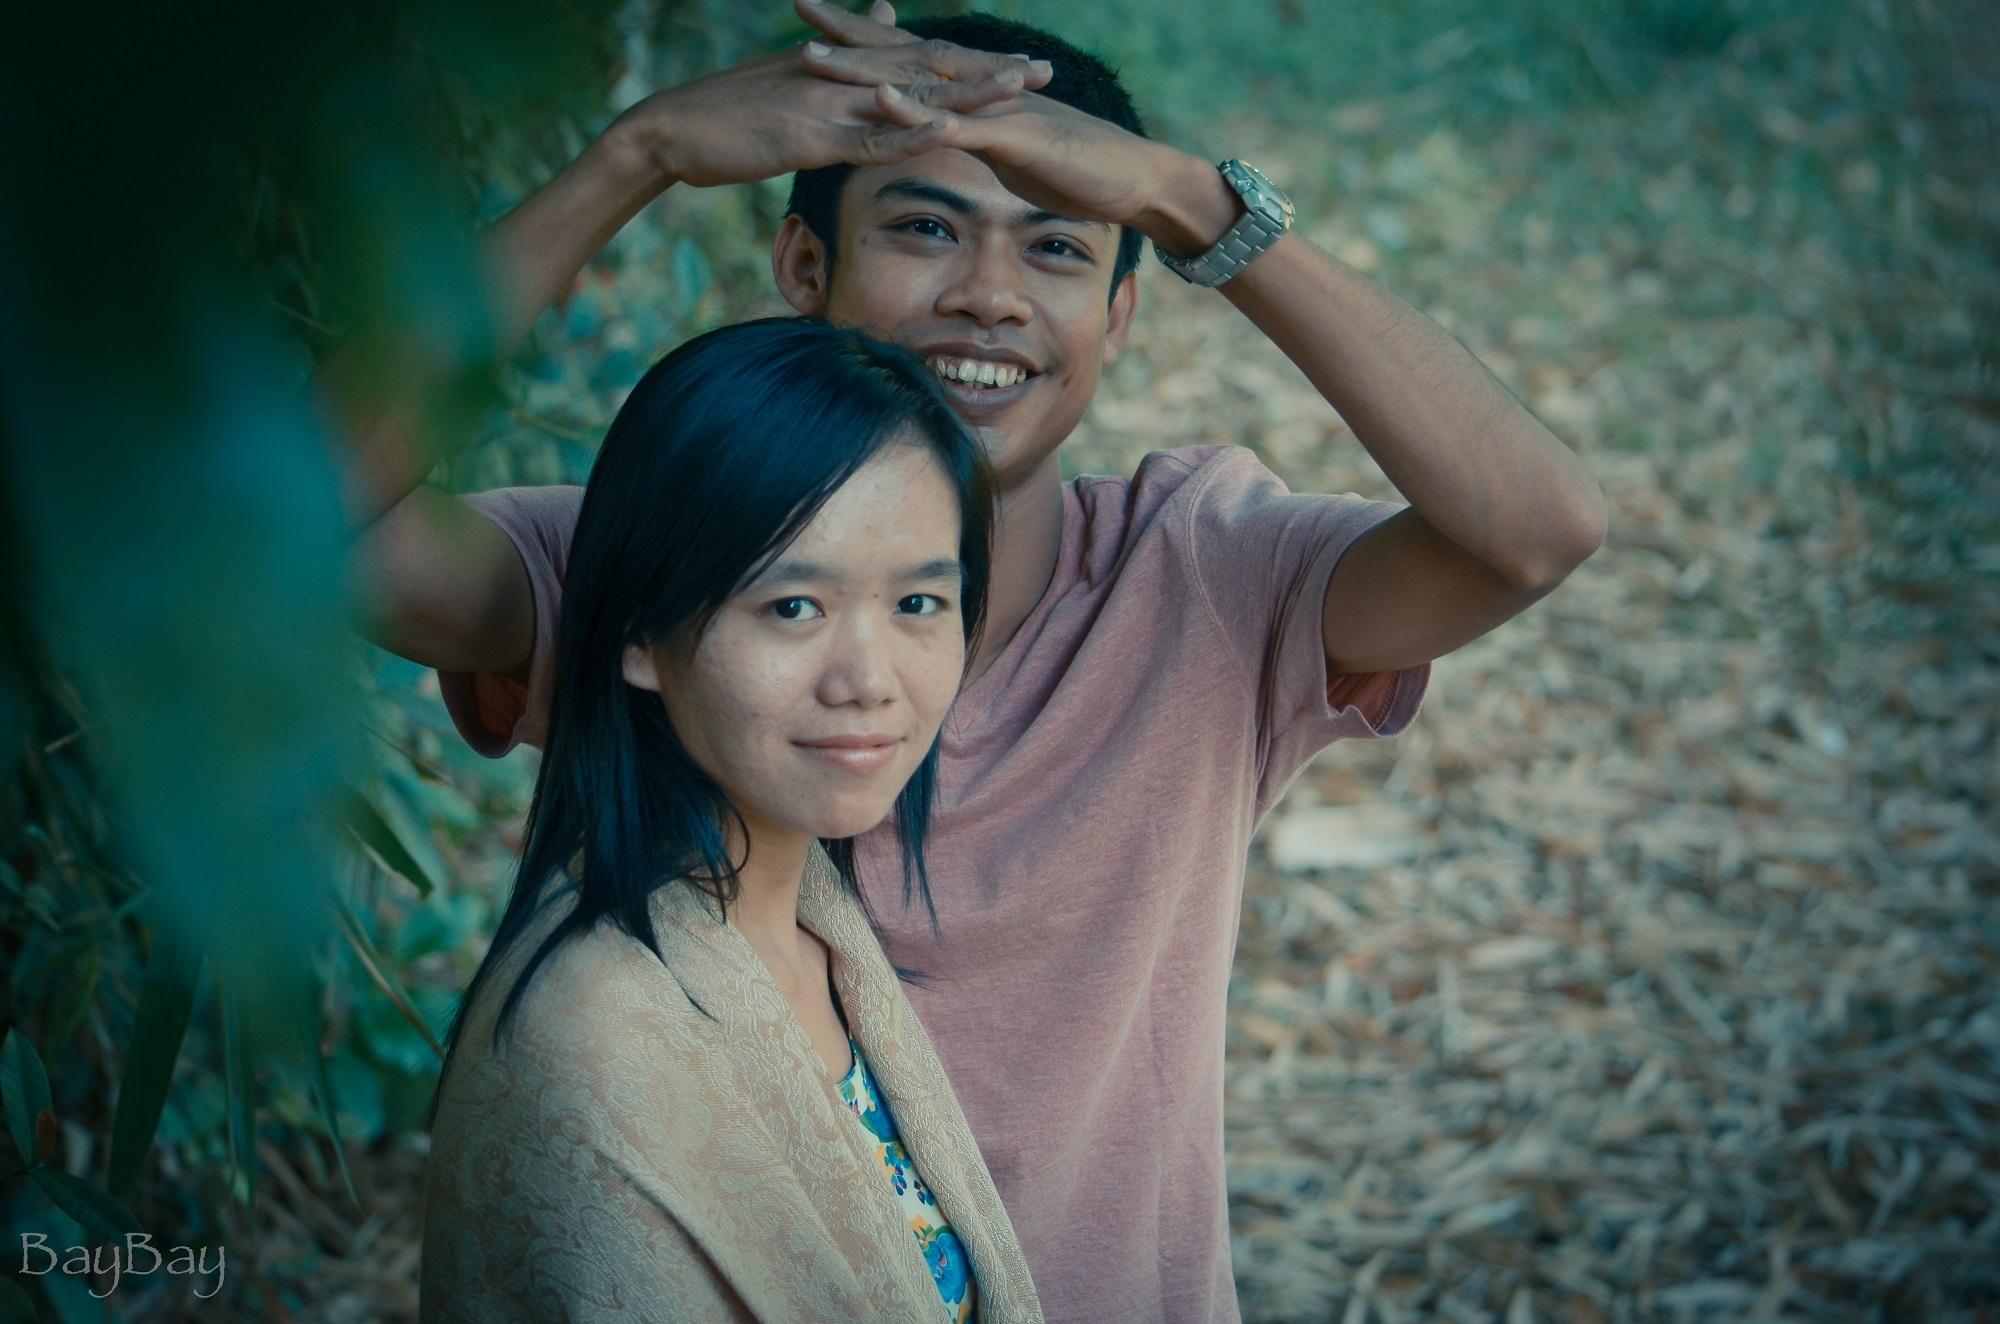 221128 Phyoe Aung and Lin Htet Naing (c) BayBay